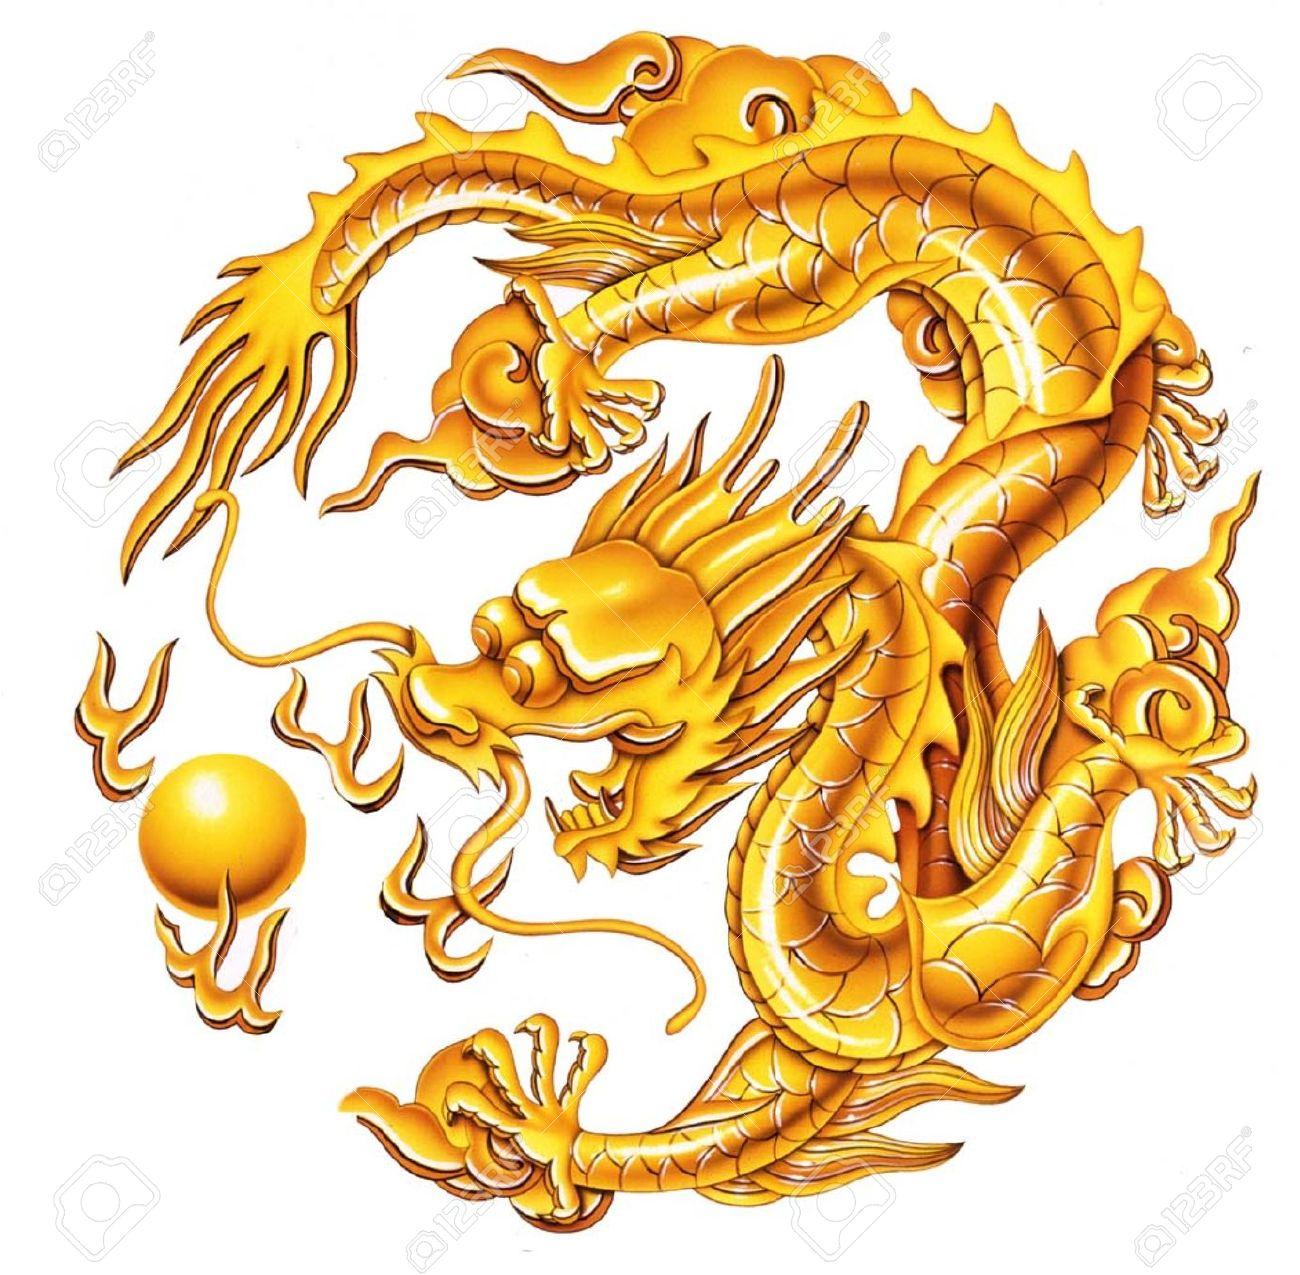 China clipart golden dragon Tattoo Google Pinterest sailor golden